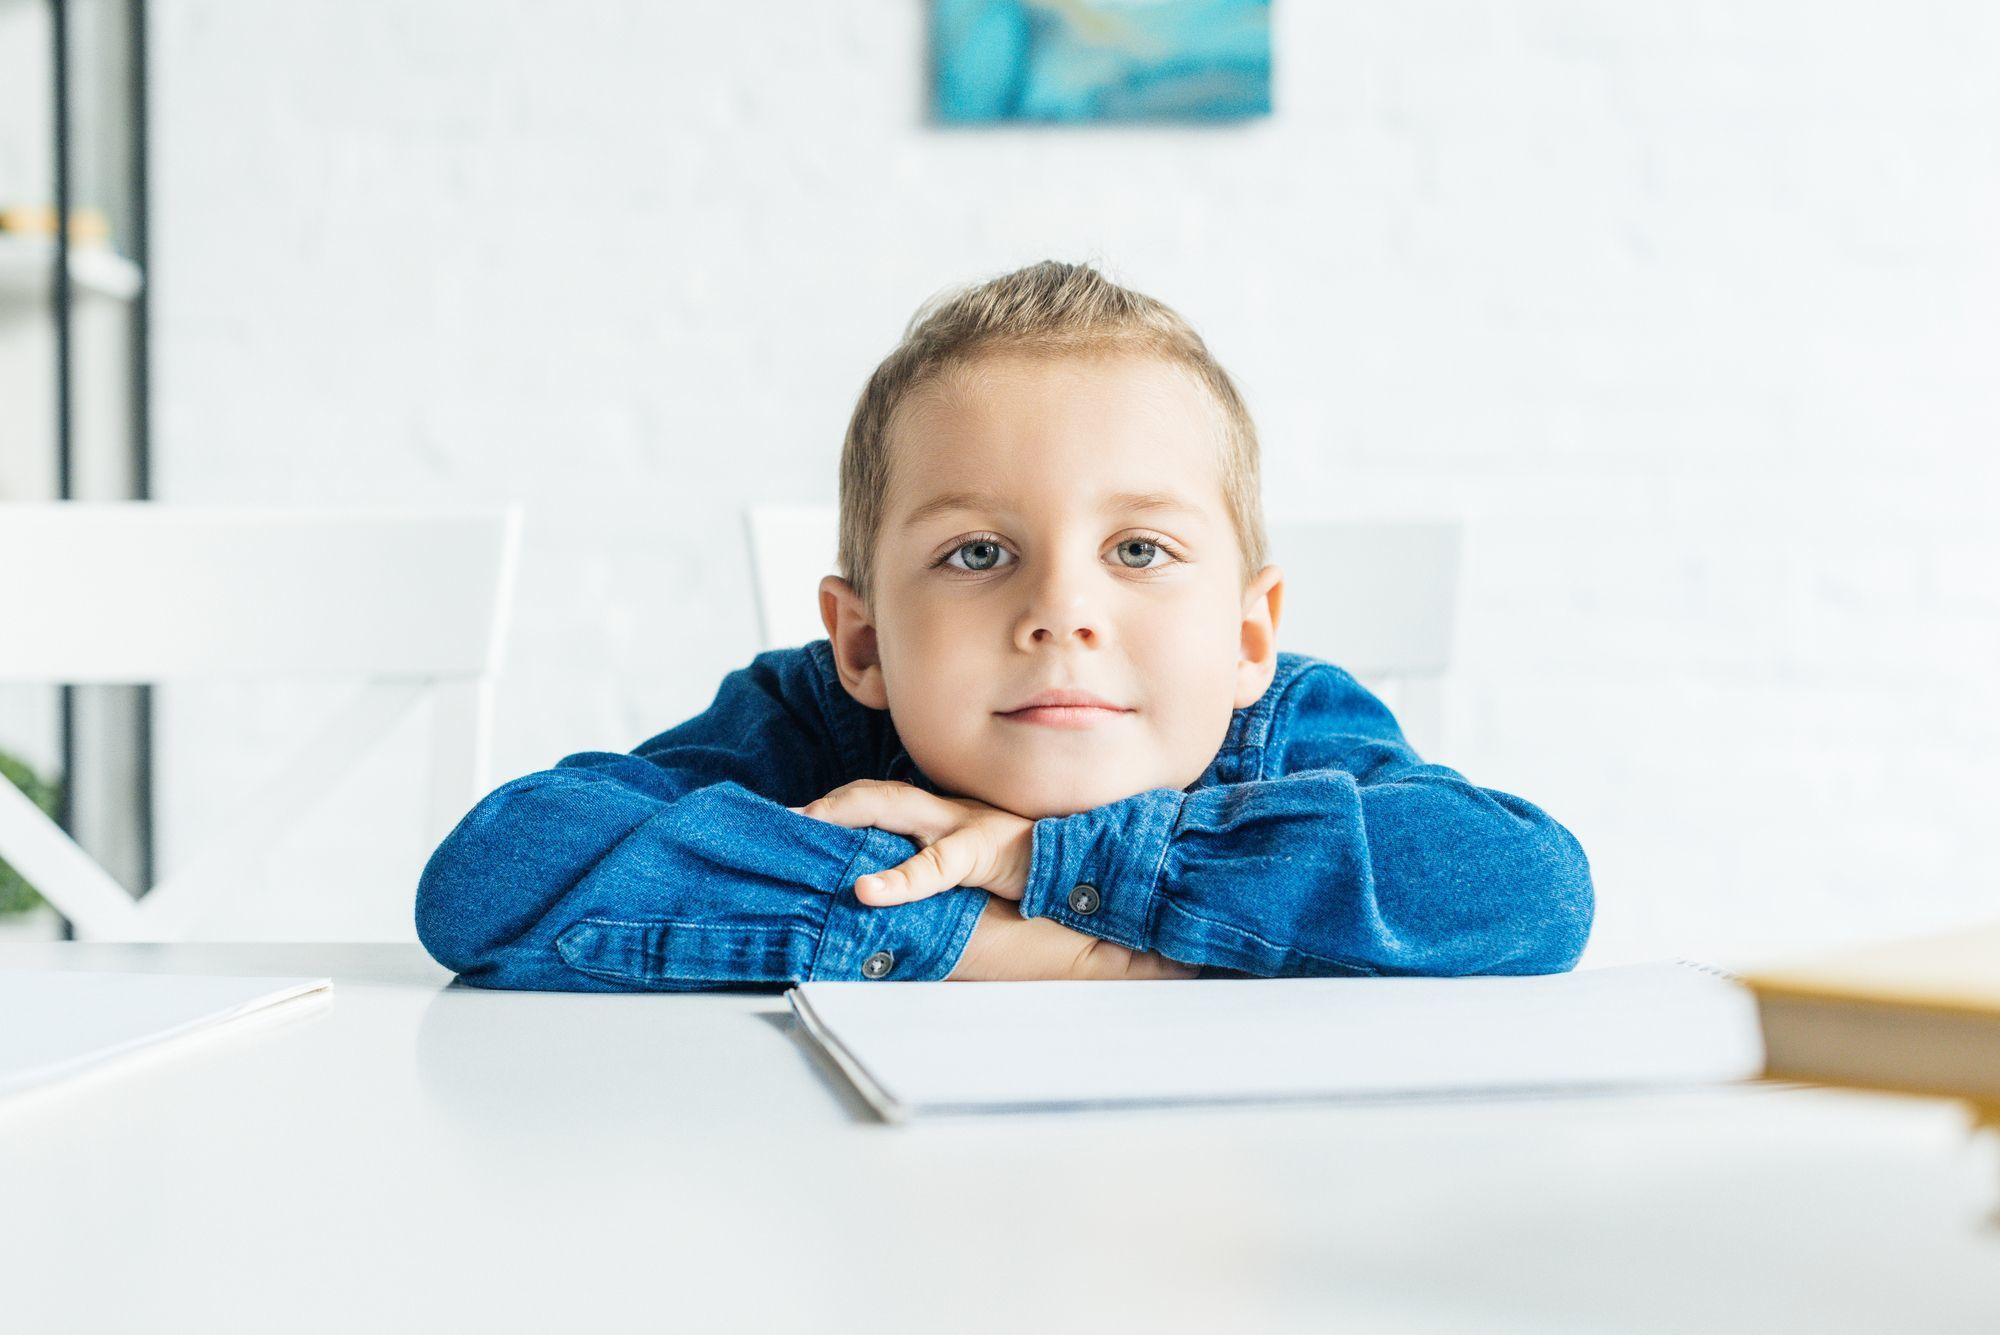 Rozkošné malé dítě sedí u stolu s prázdnou notebook a při pohledu na fotoaparát - null